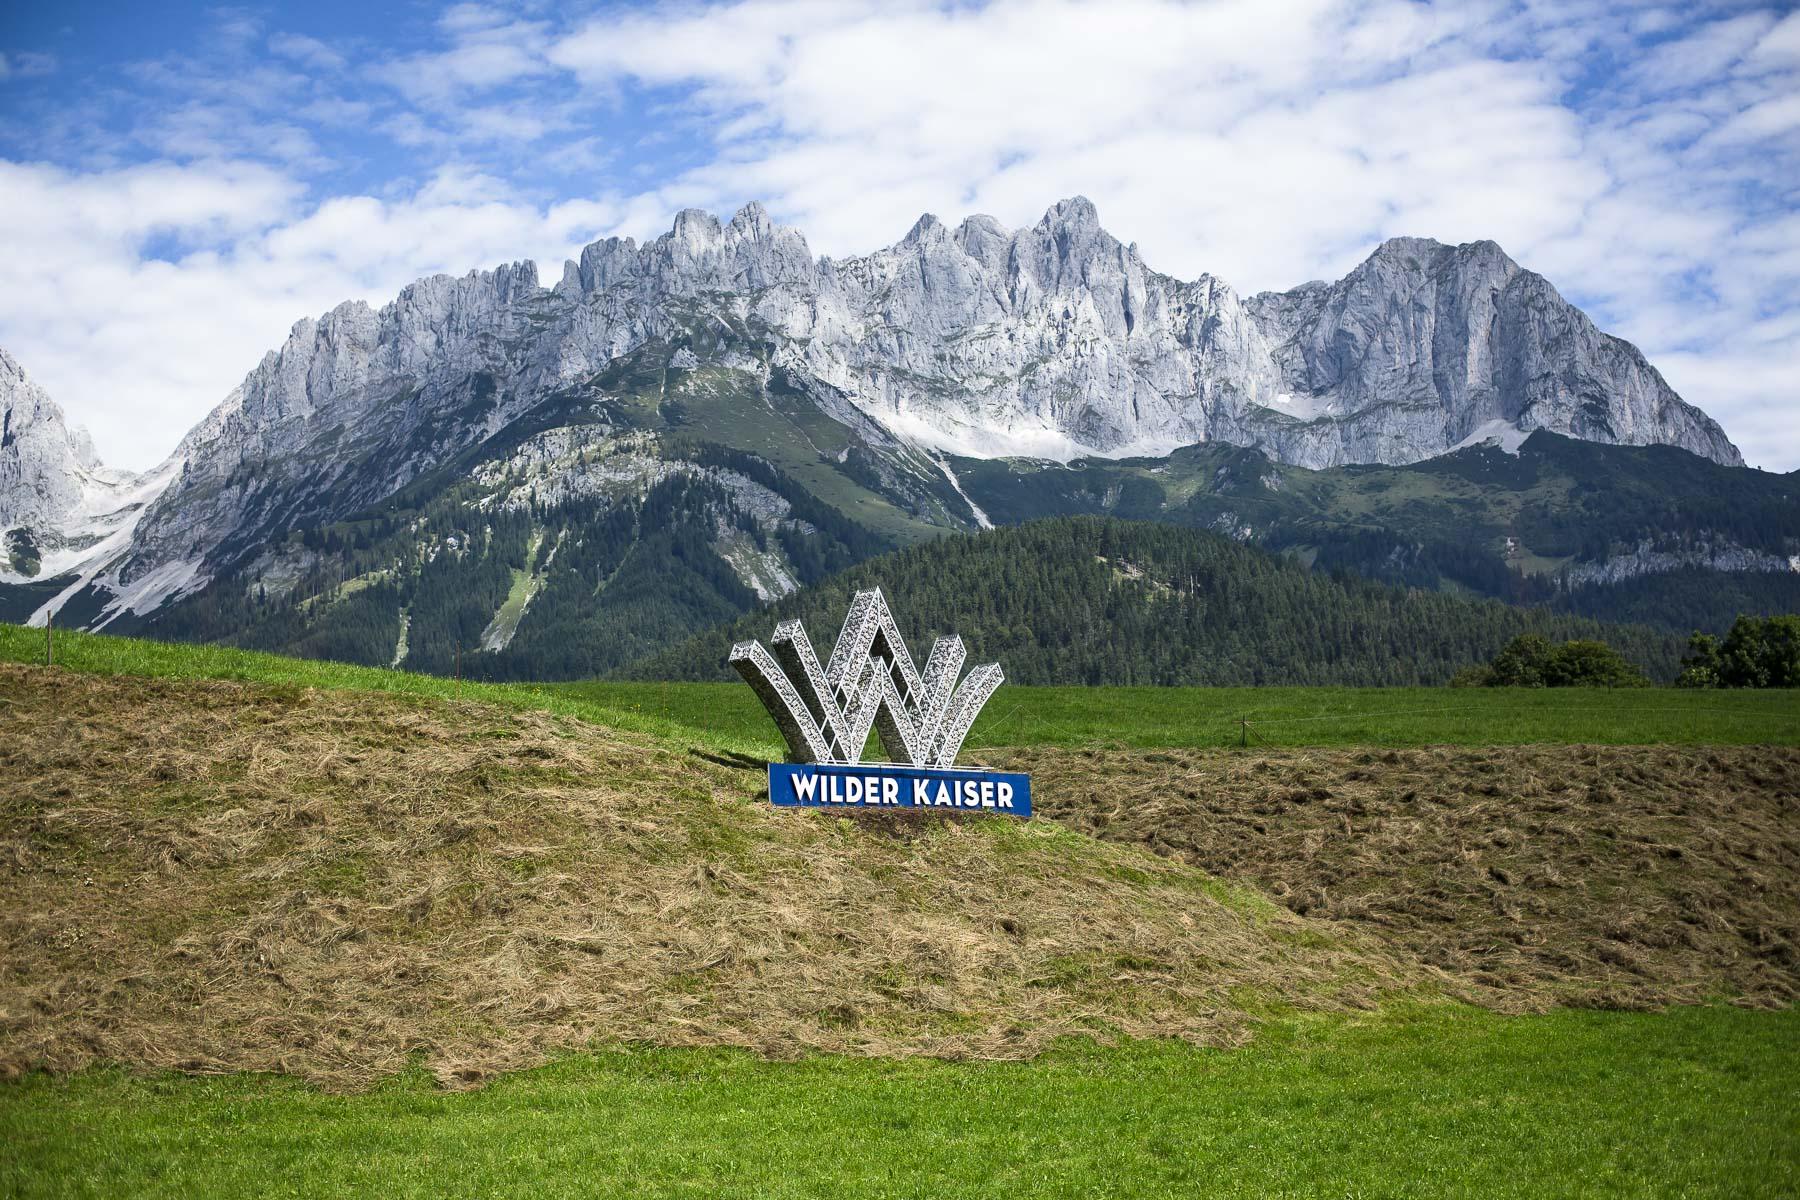 Pokrajina Wilder Kaiser, kjer snemajo priljubljeno serijo. // The region named Wilder Kaiser where the famous drama series is filmed.